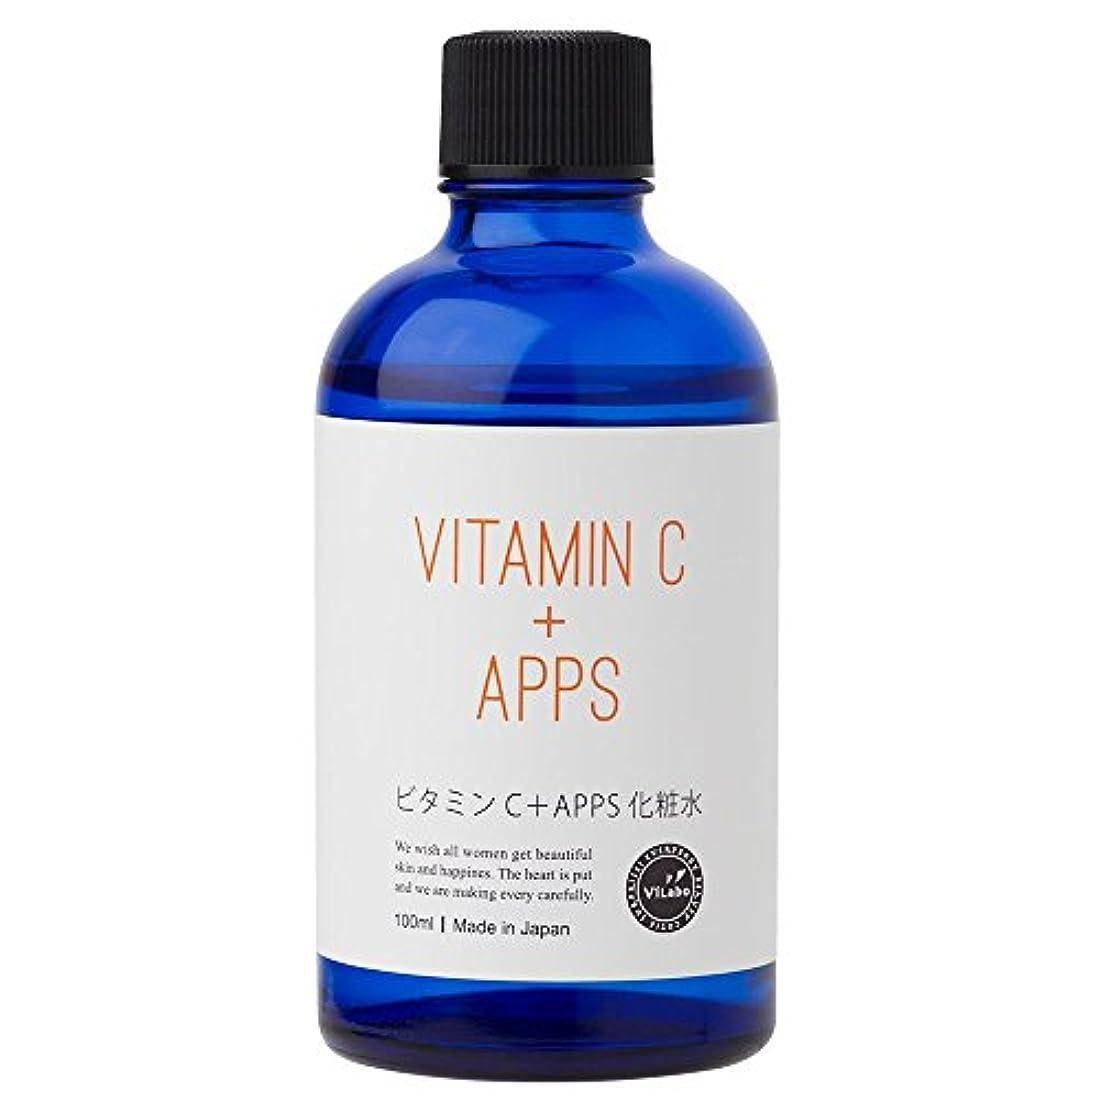 欠かせない山積みのグラムViLabo APPS+天然ビタミンC化粧水 (ハッピーローションV)100ml 通常ボトル ビラボ